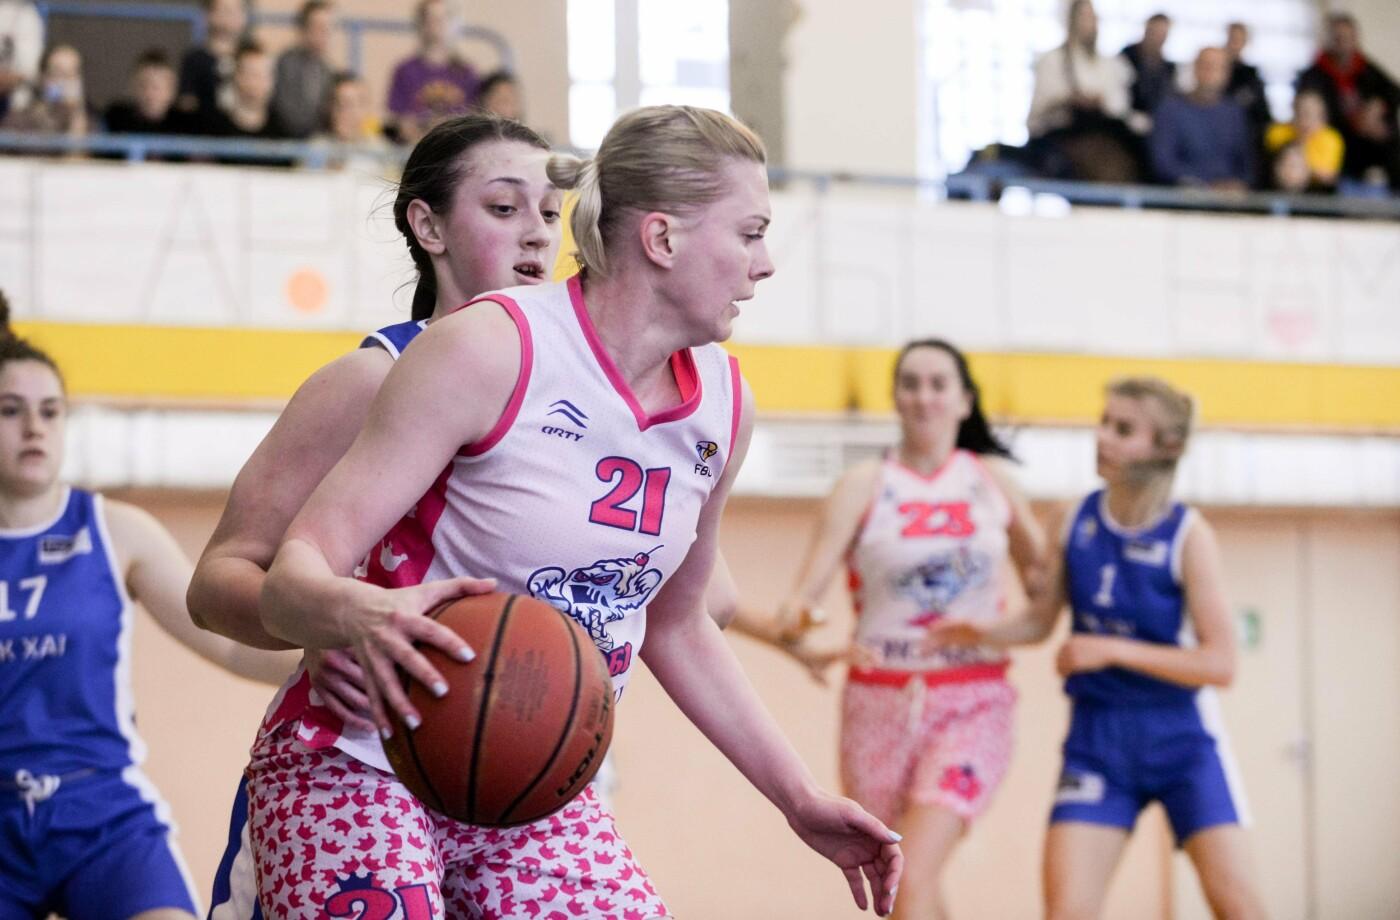 Броварські баскетболістки вперше боротимуться за золото Чемпіонату України, фото-1